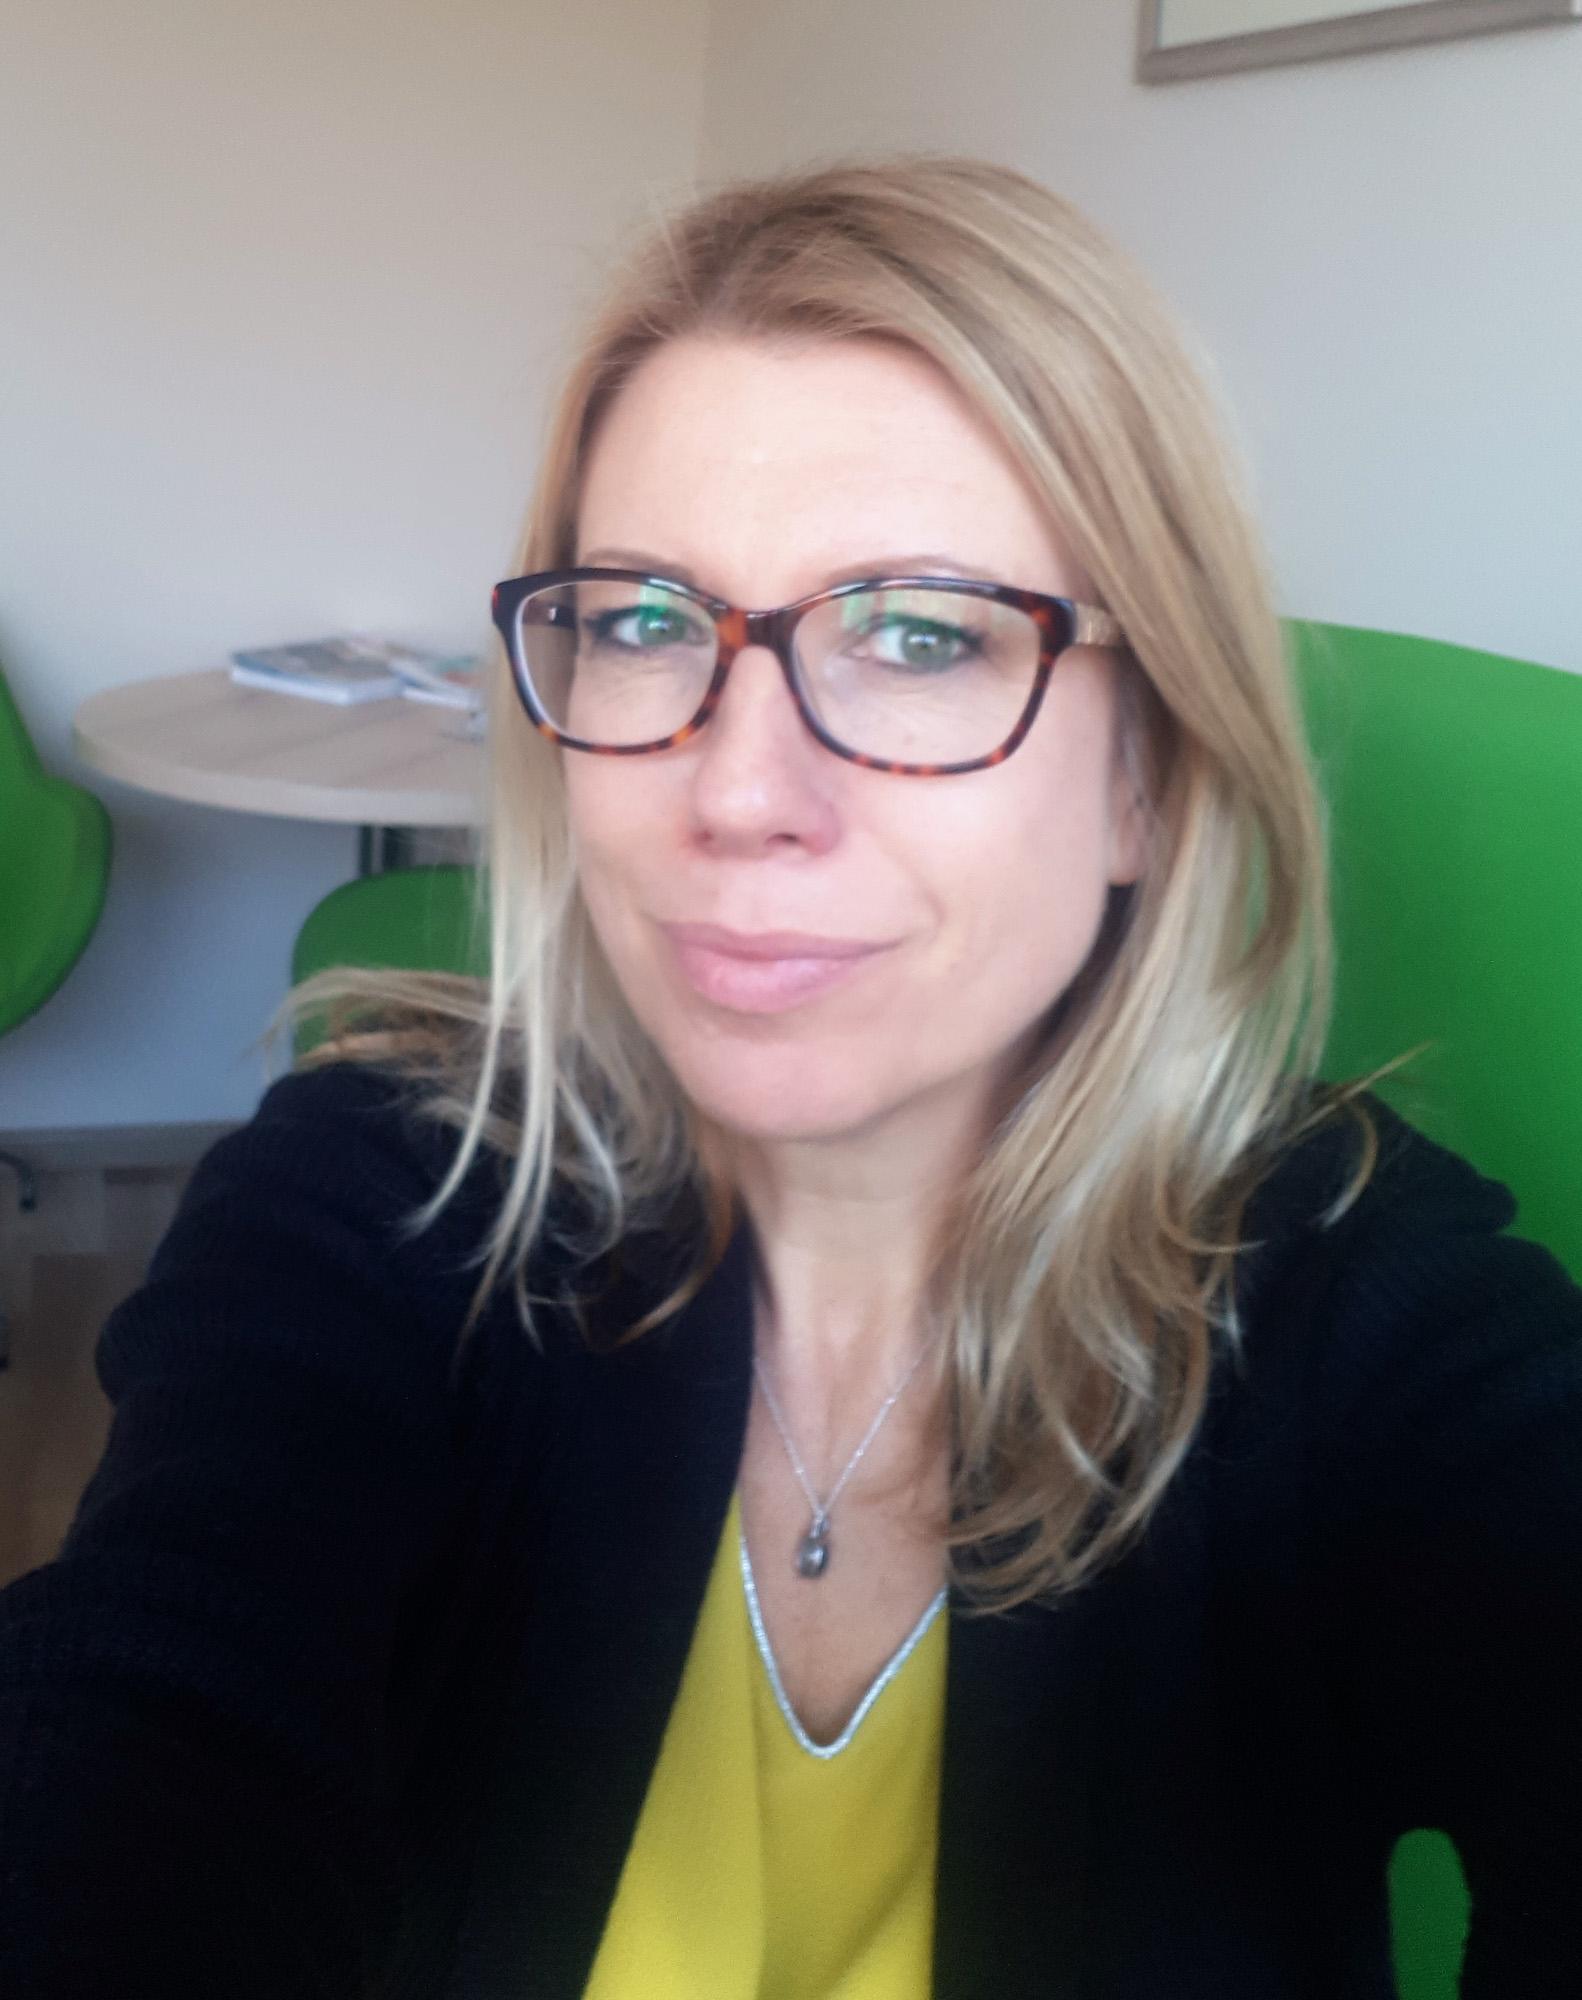 Beata Sawa-Javanoska